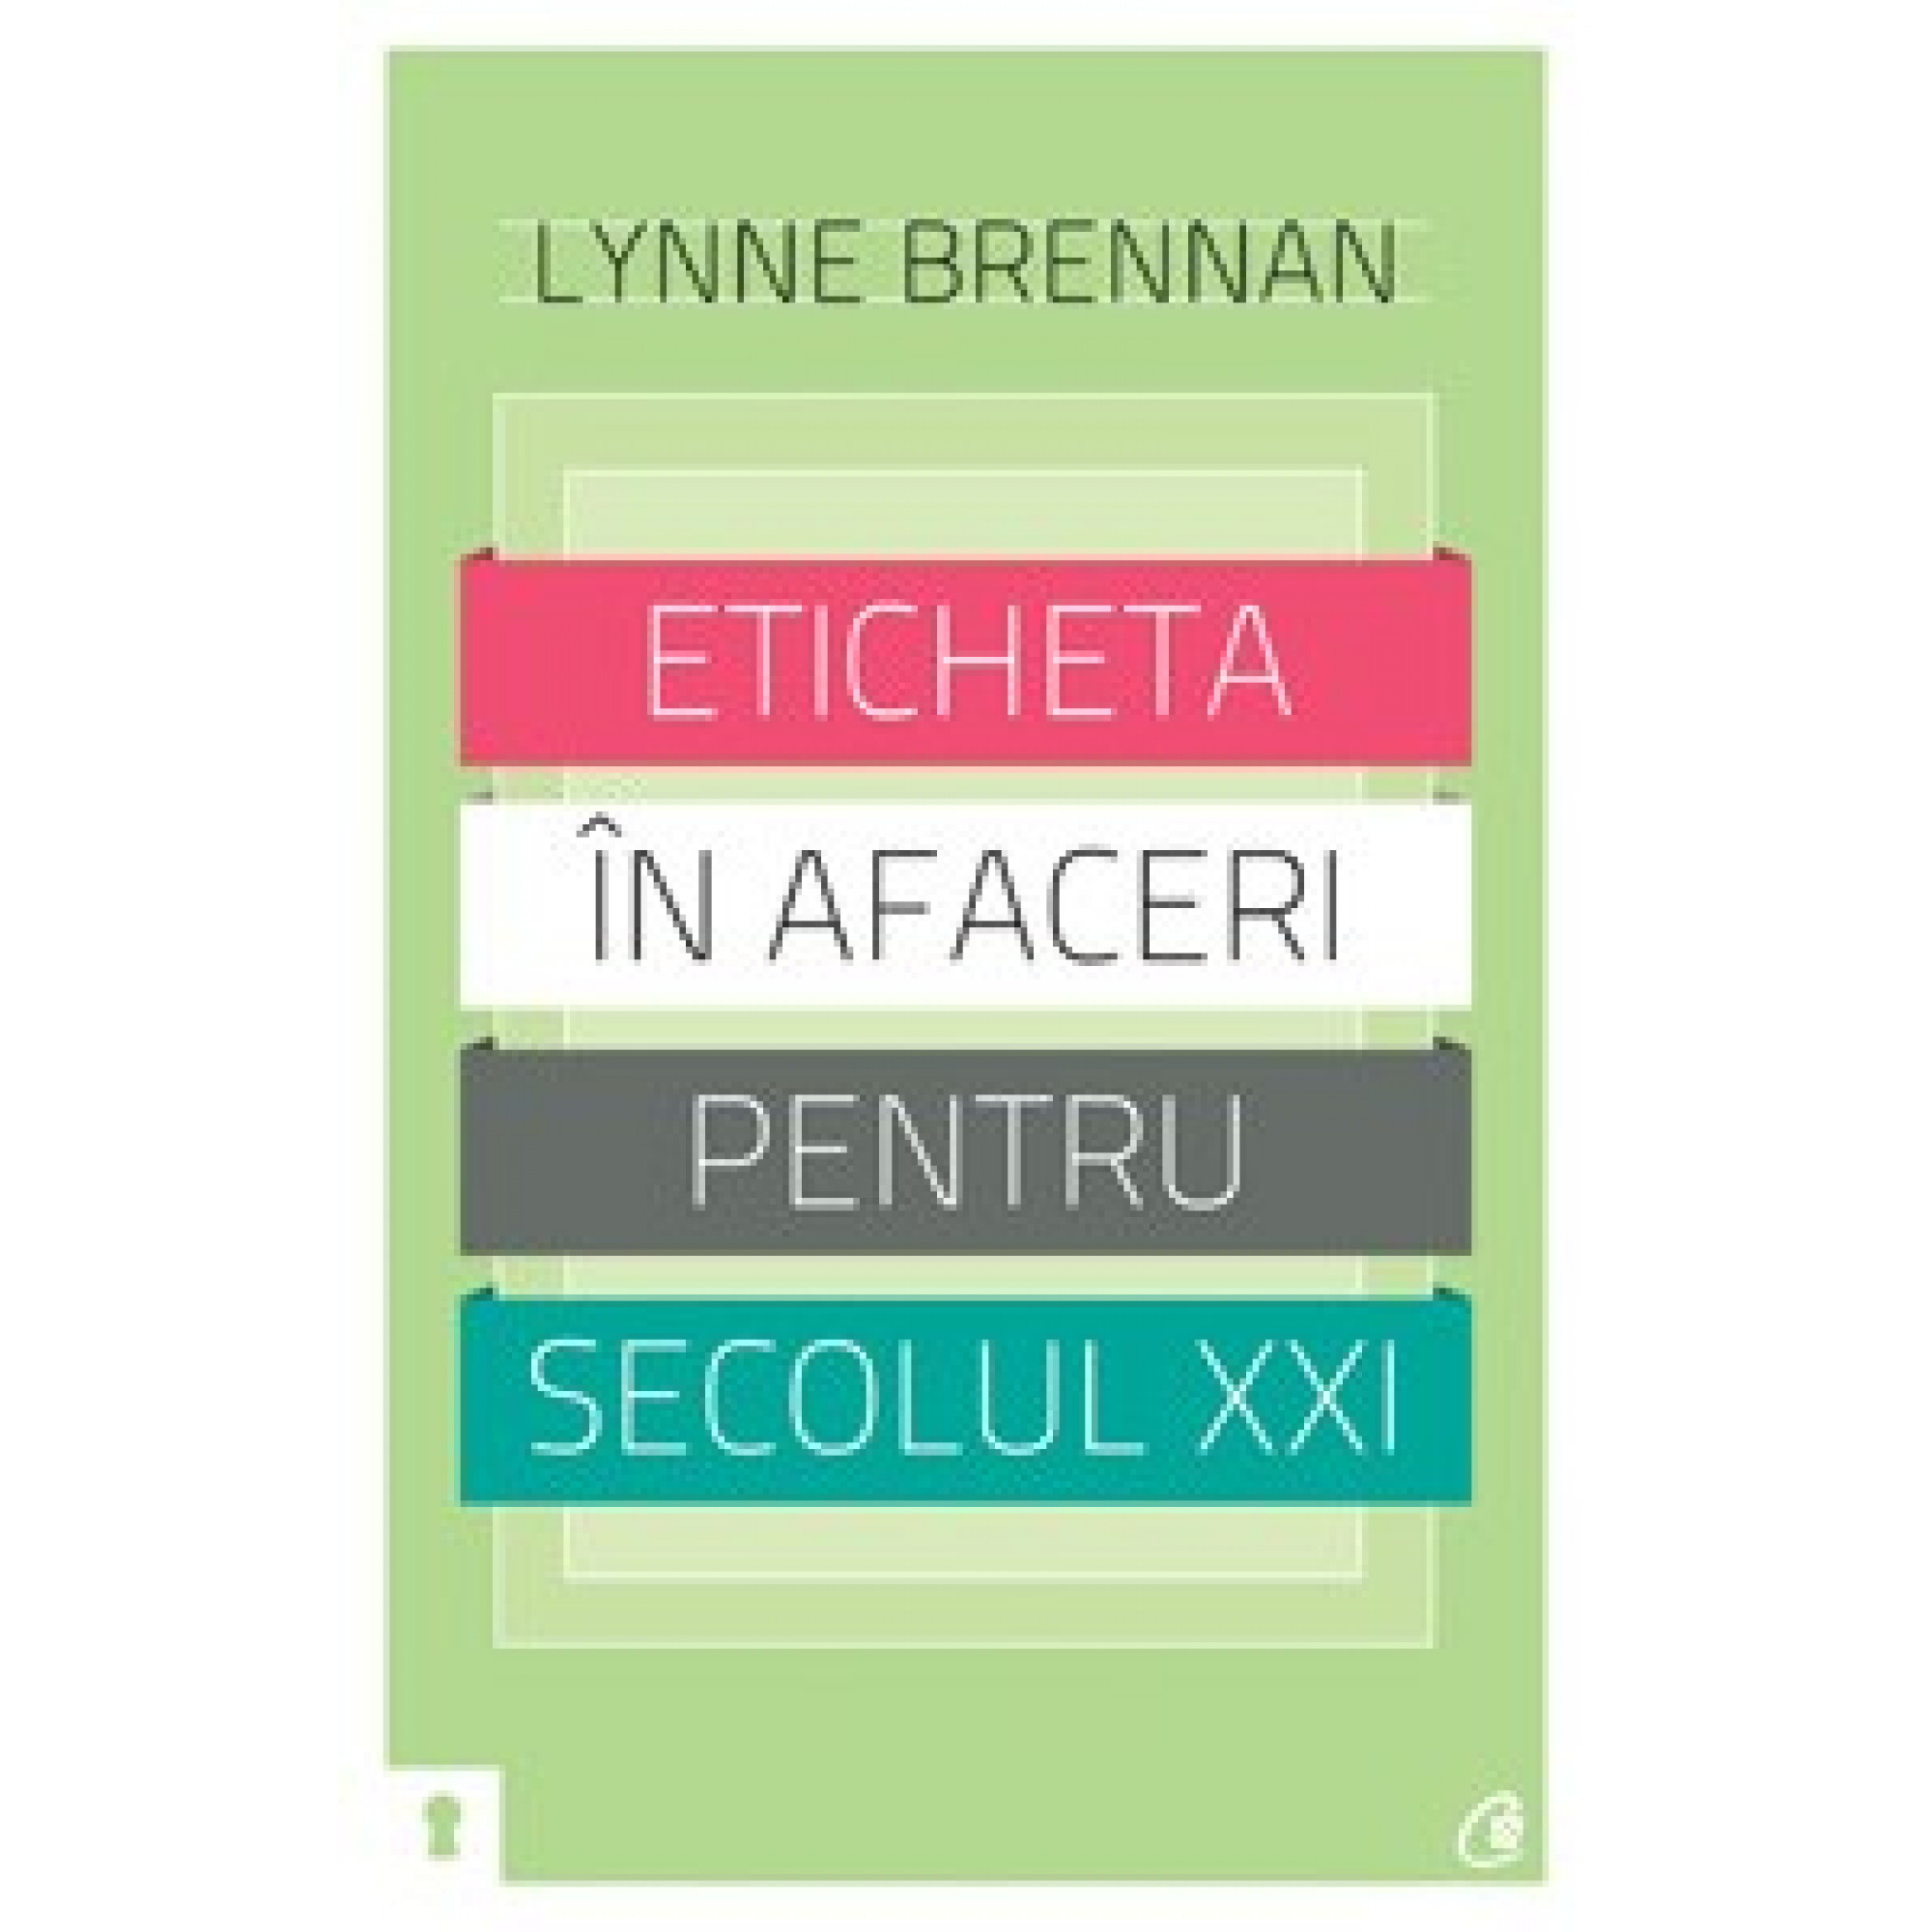 Eticheta în afaceri pentru secolul XXI; Lynne Brennan